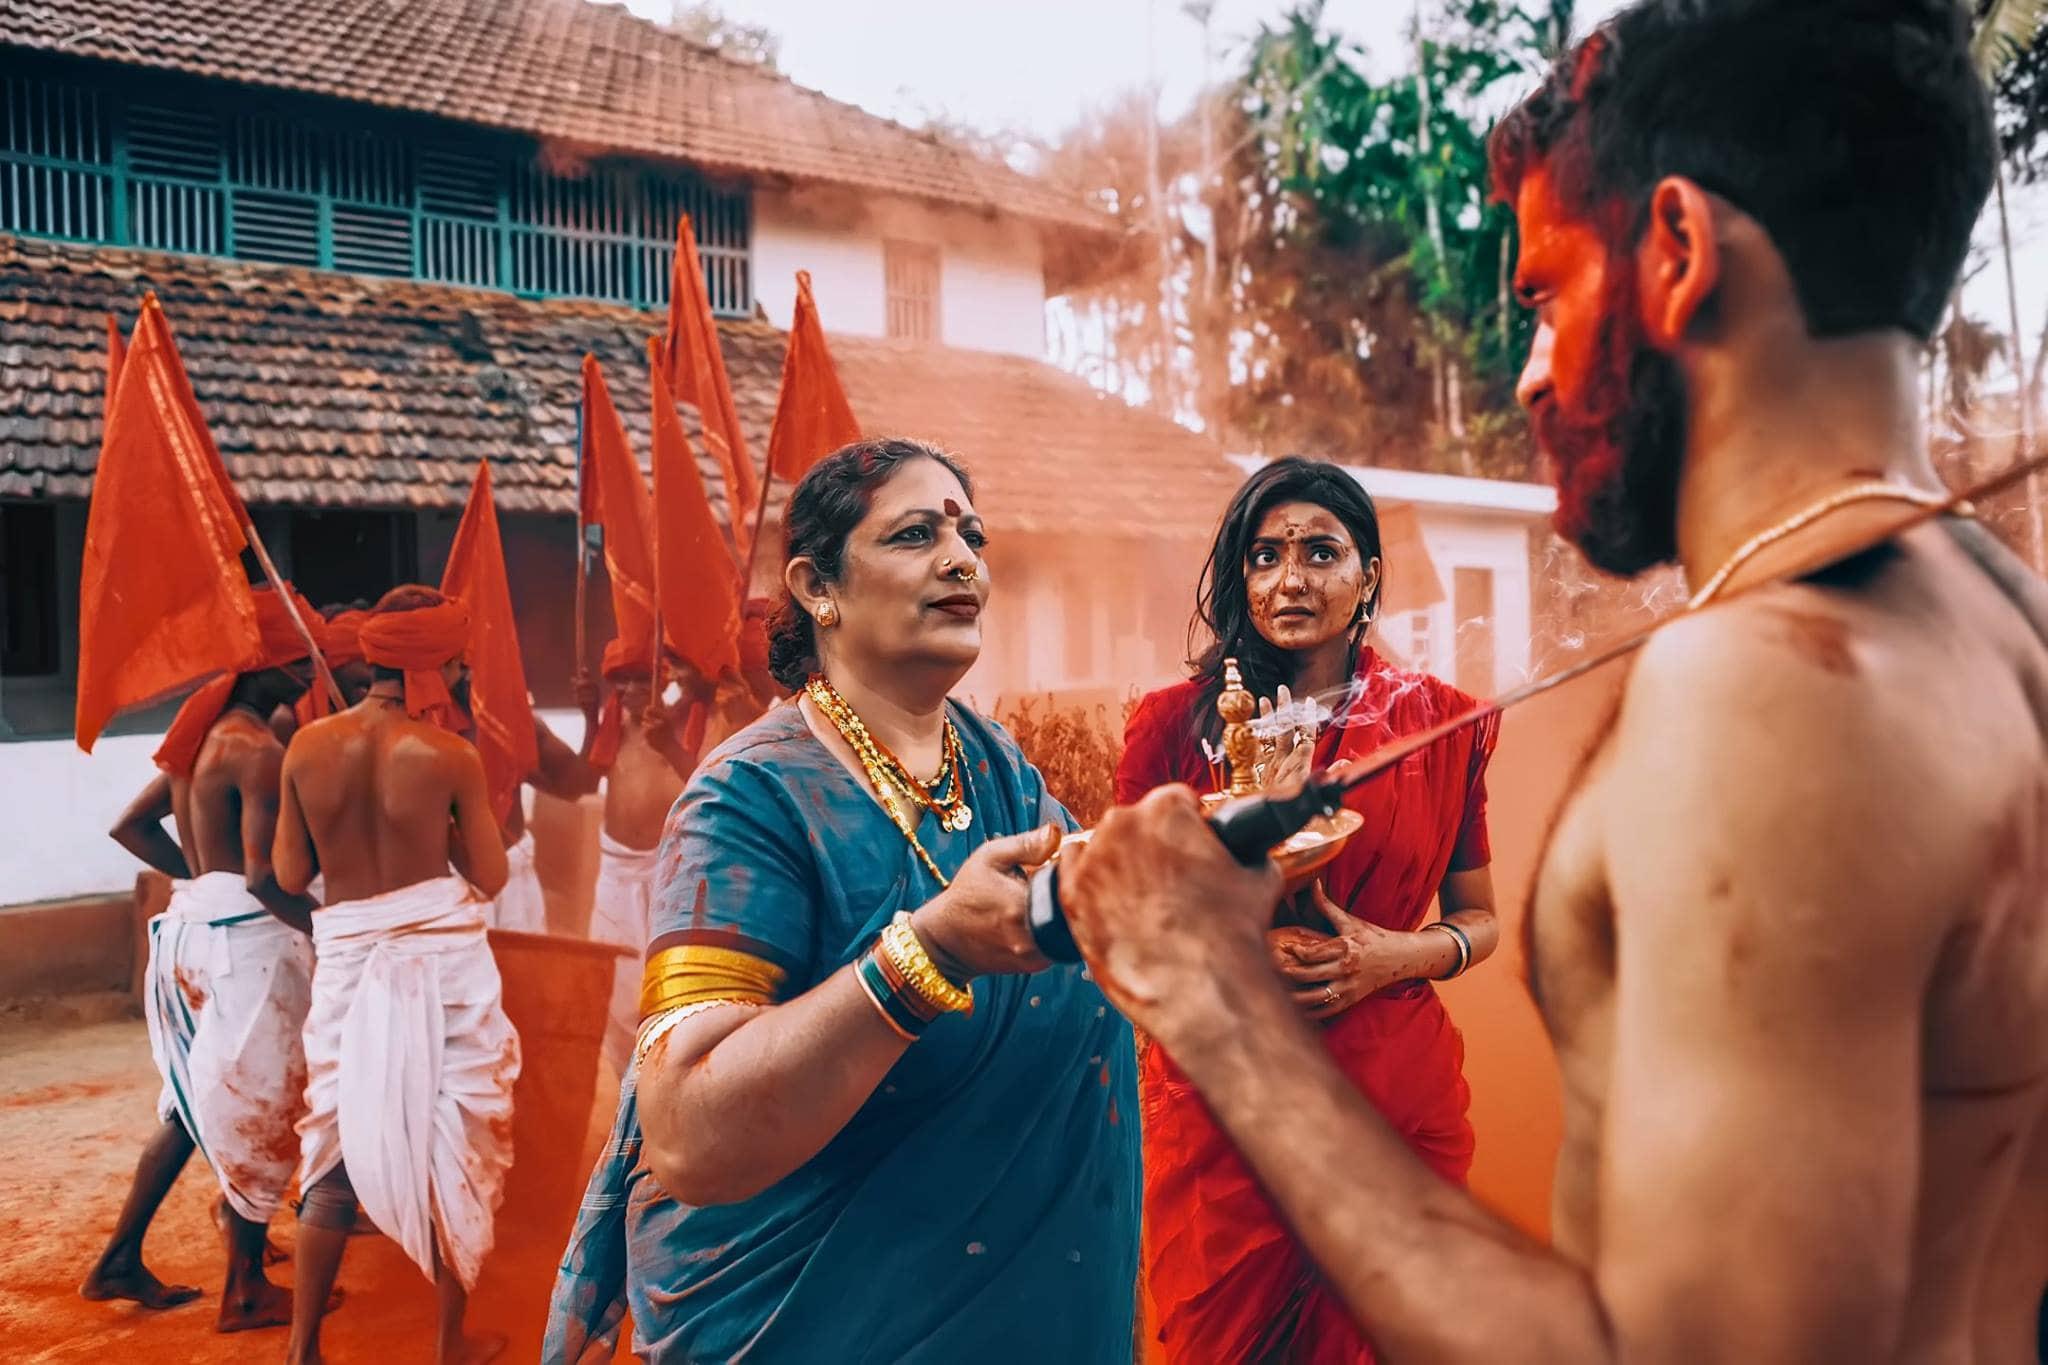 An-Award-winning-photo-story-Avani-By-Arjun-Kamath-19